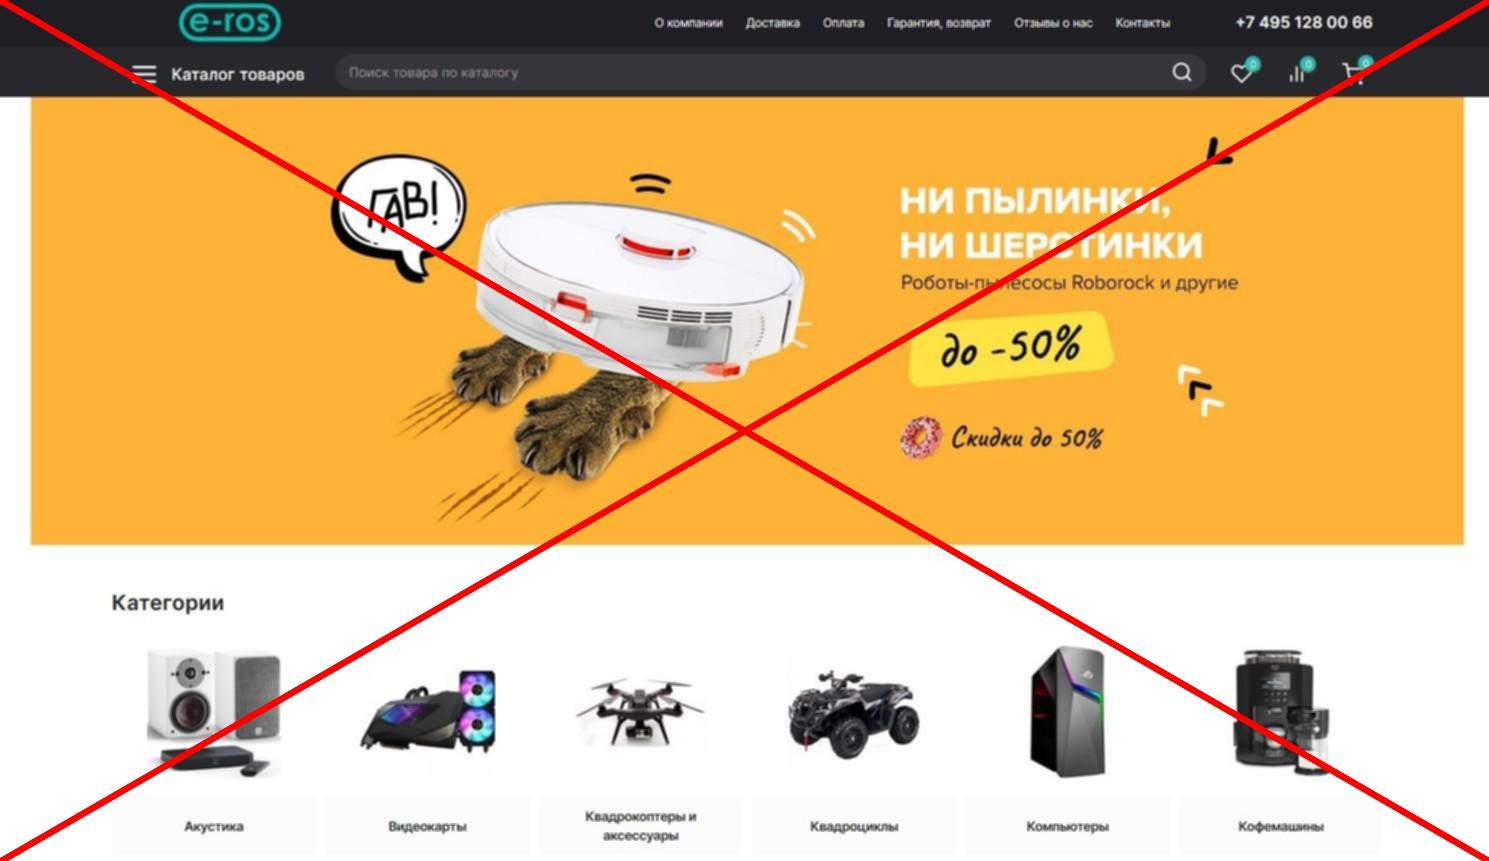 Скрин e-ros.ru